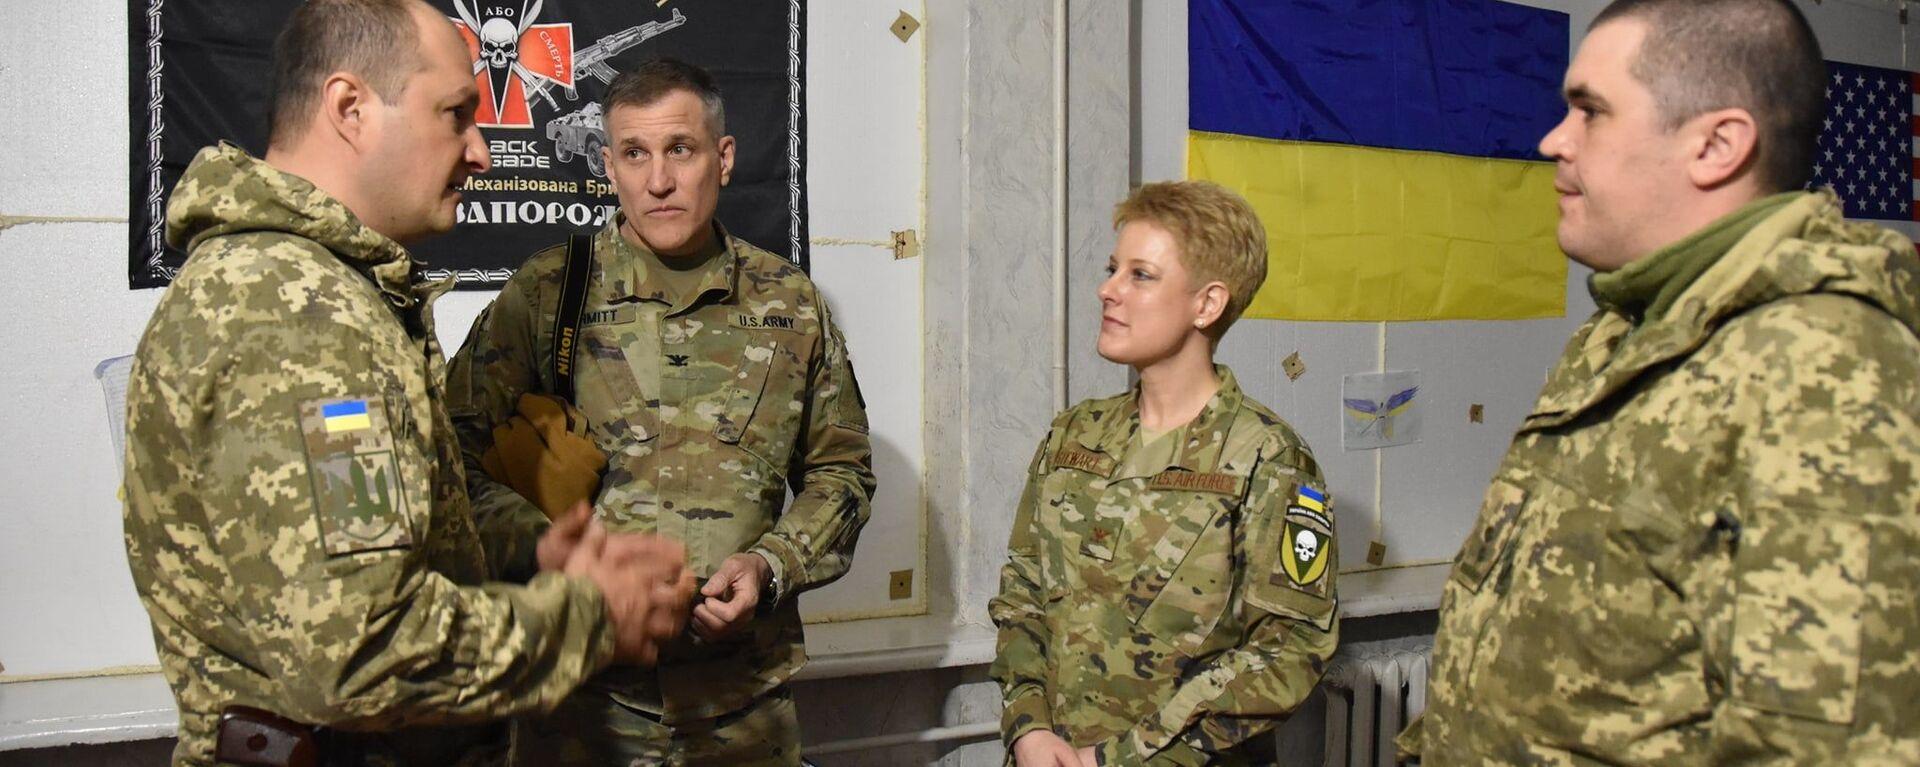 Delegacja USA, na której czele stała attaché wojskowa w Kijowie Brittany Stewart, odwiedziła w piątek rejon operacji wojskowej w Donbasie i zapoznała się z sytuacją operacyjną. - Sputnik Polska, 1920, 04.07.2021